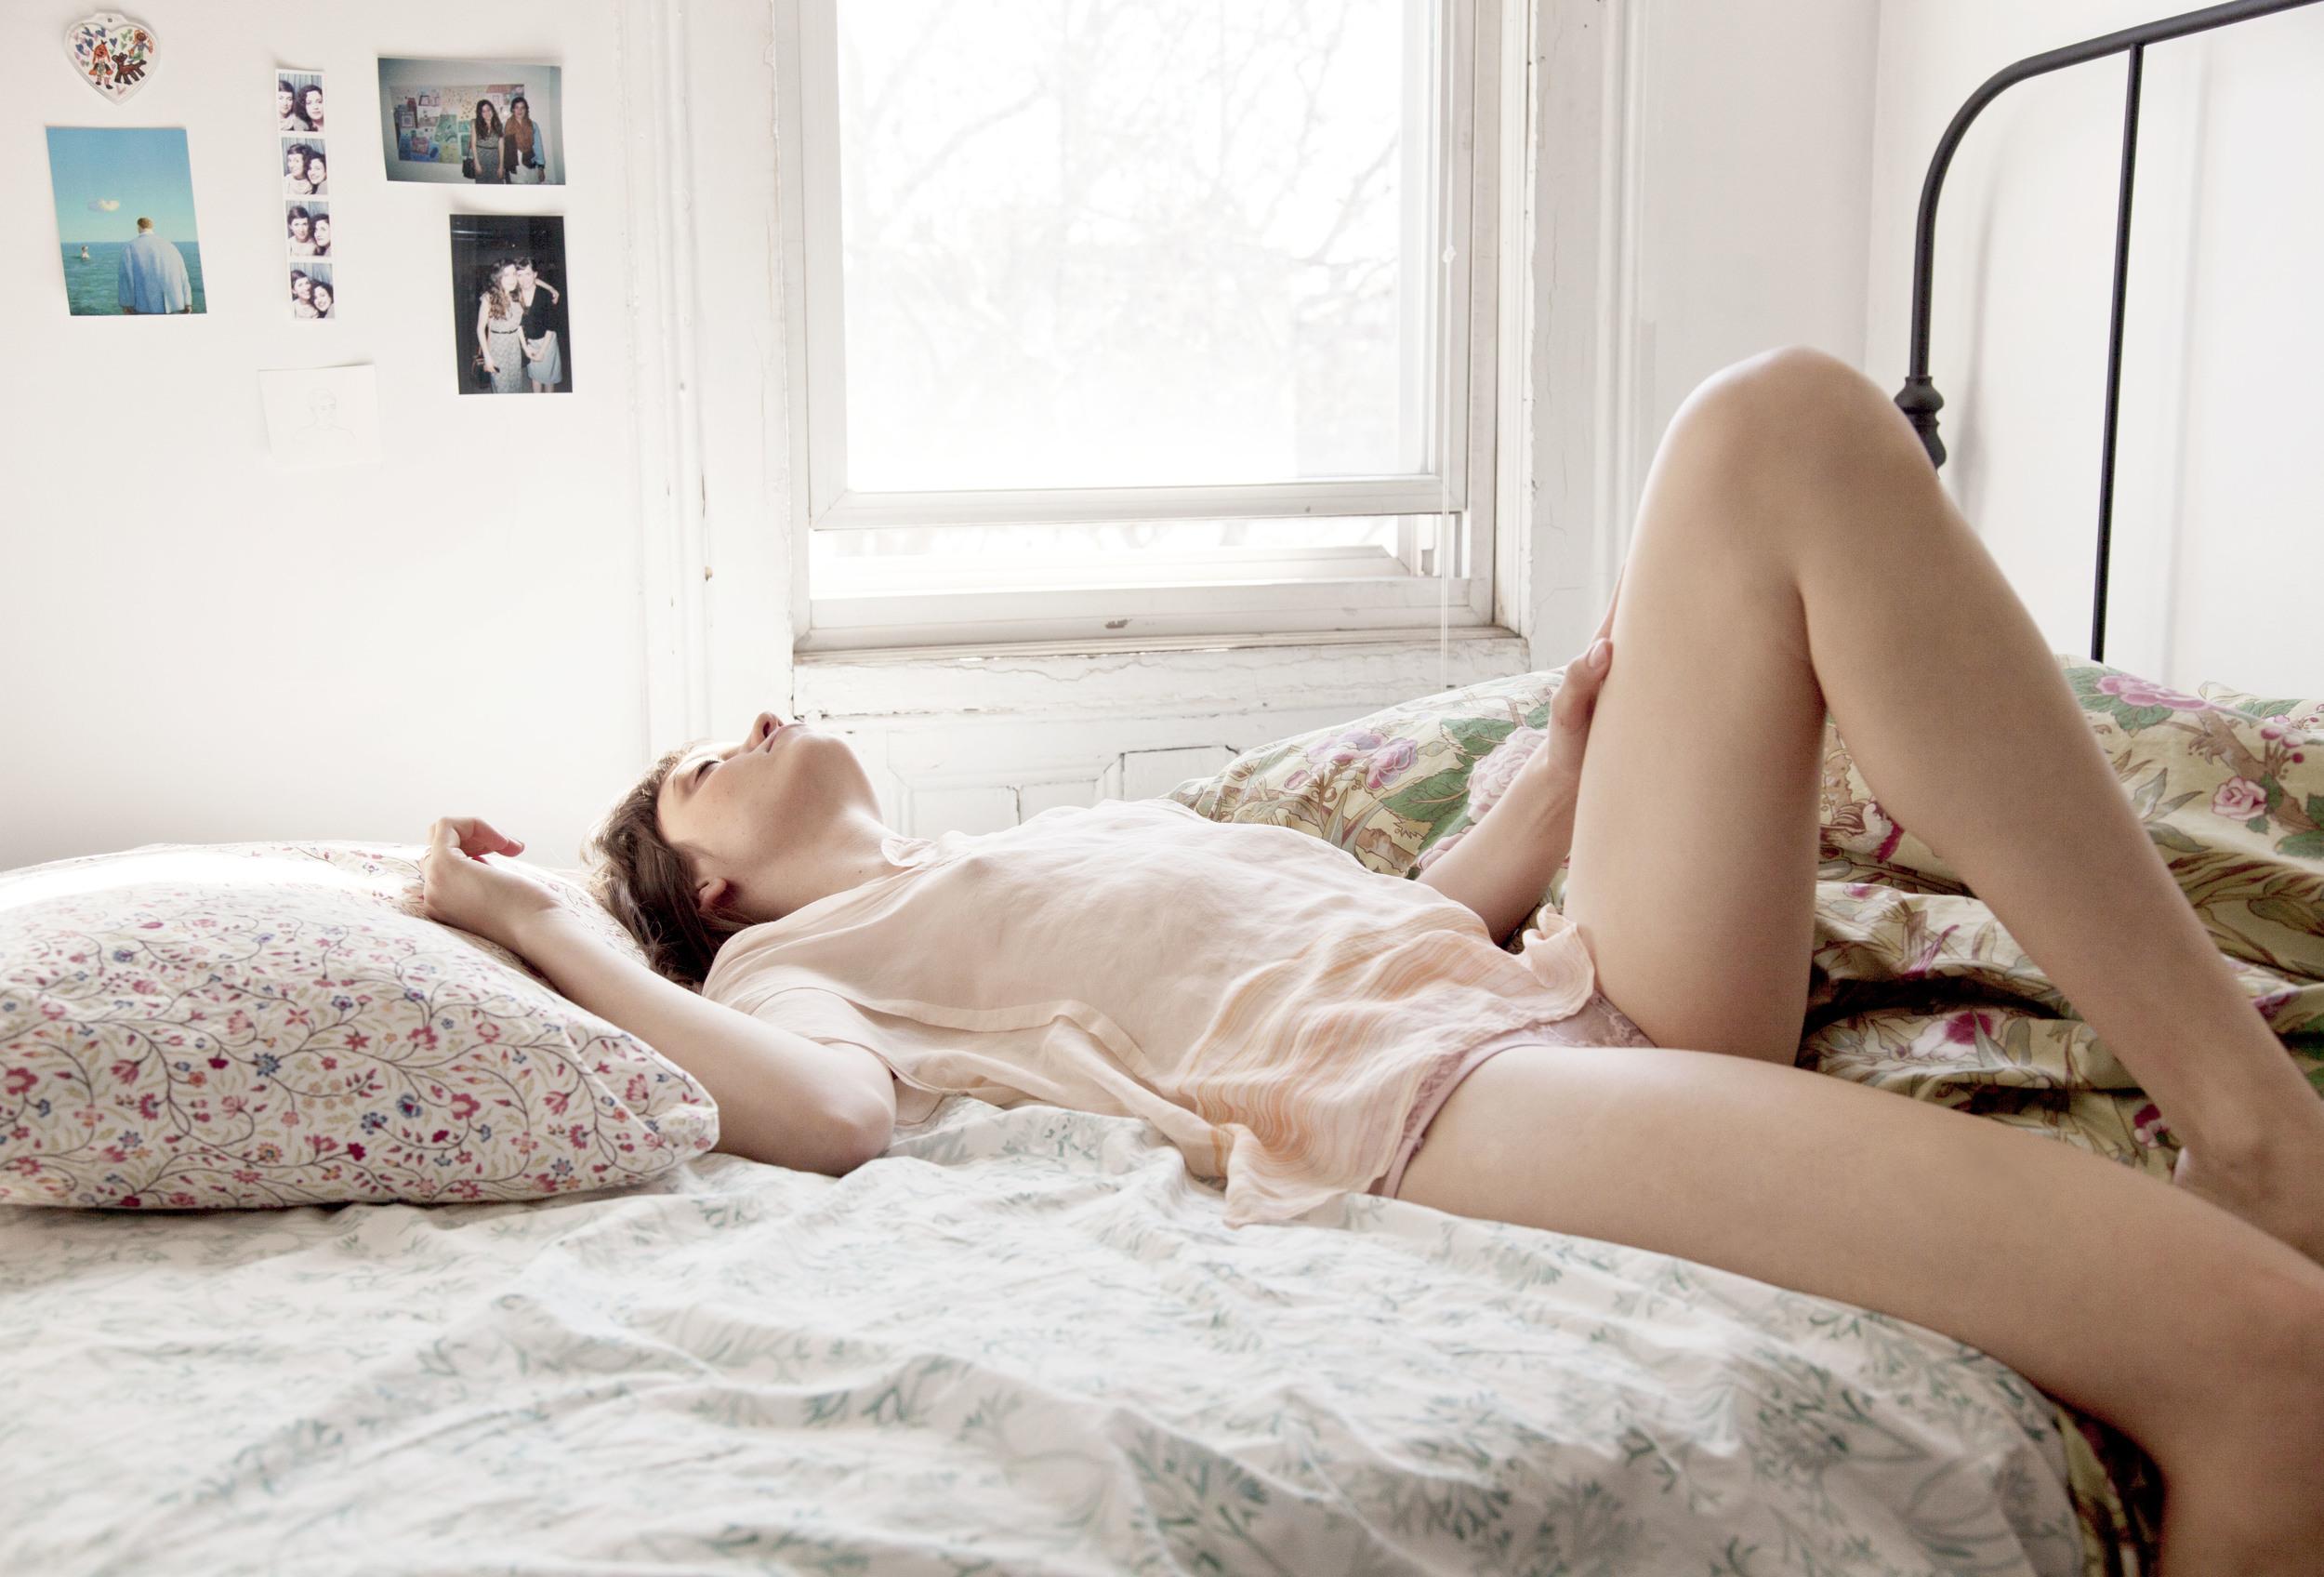 Широко раздвигает ножки гладит киску, Широко раздвинула ноги соло - видео 11 фотография